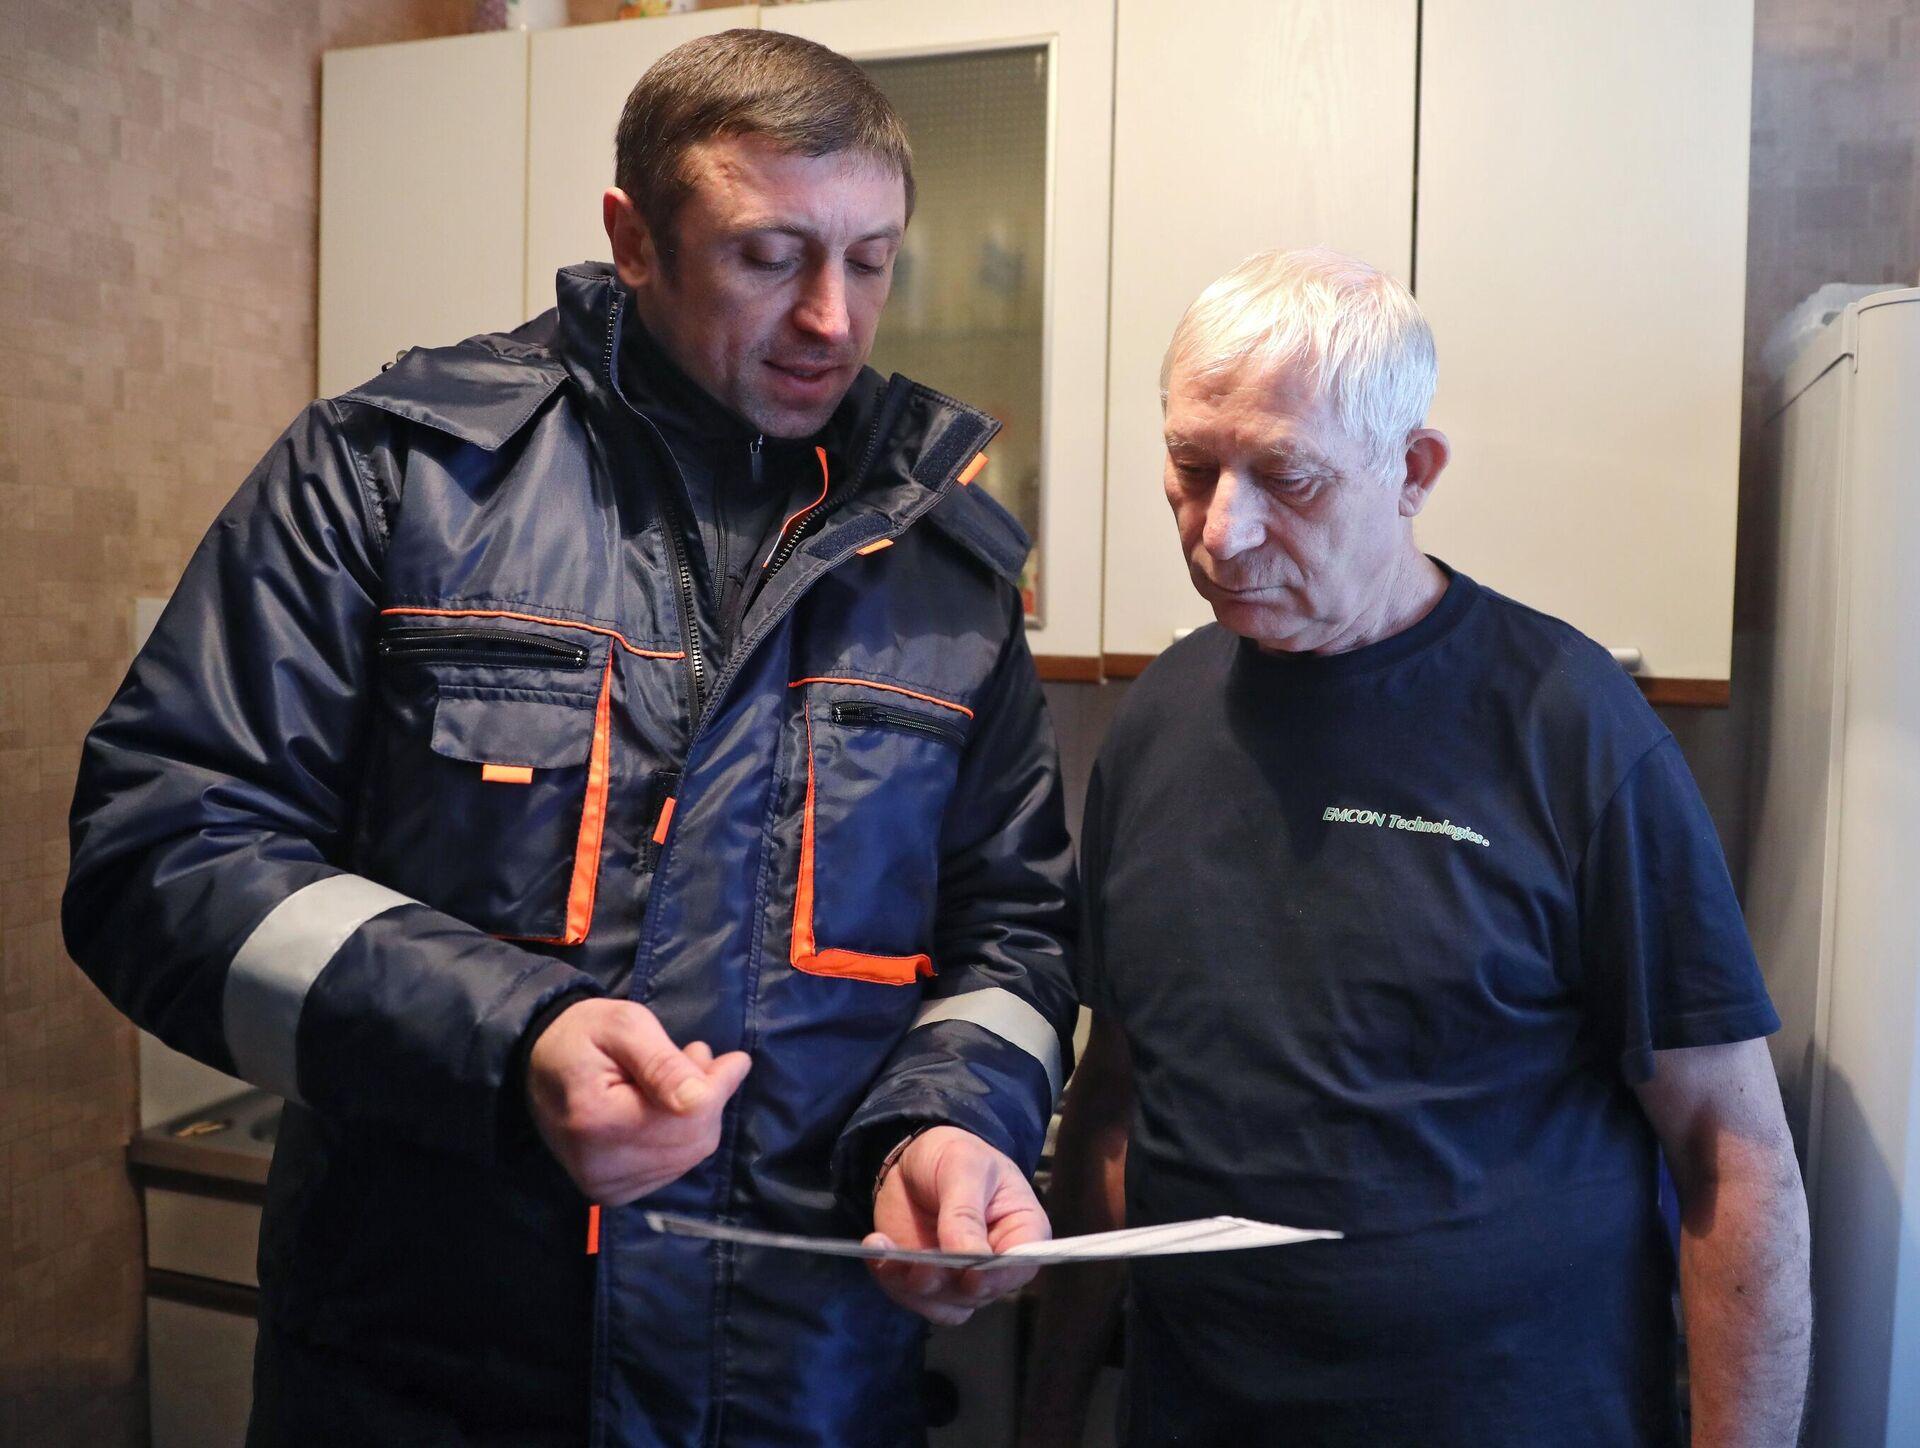 Проверка газового оборудования в жилых домах  - РИА Новости, 1920, 01.03.2021